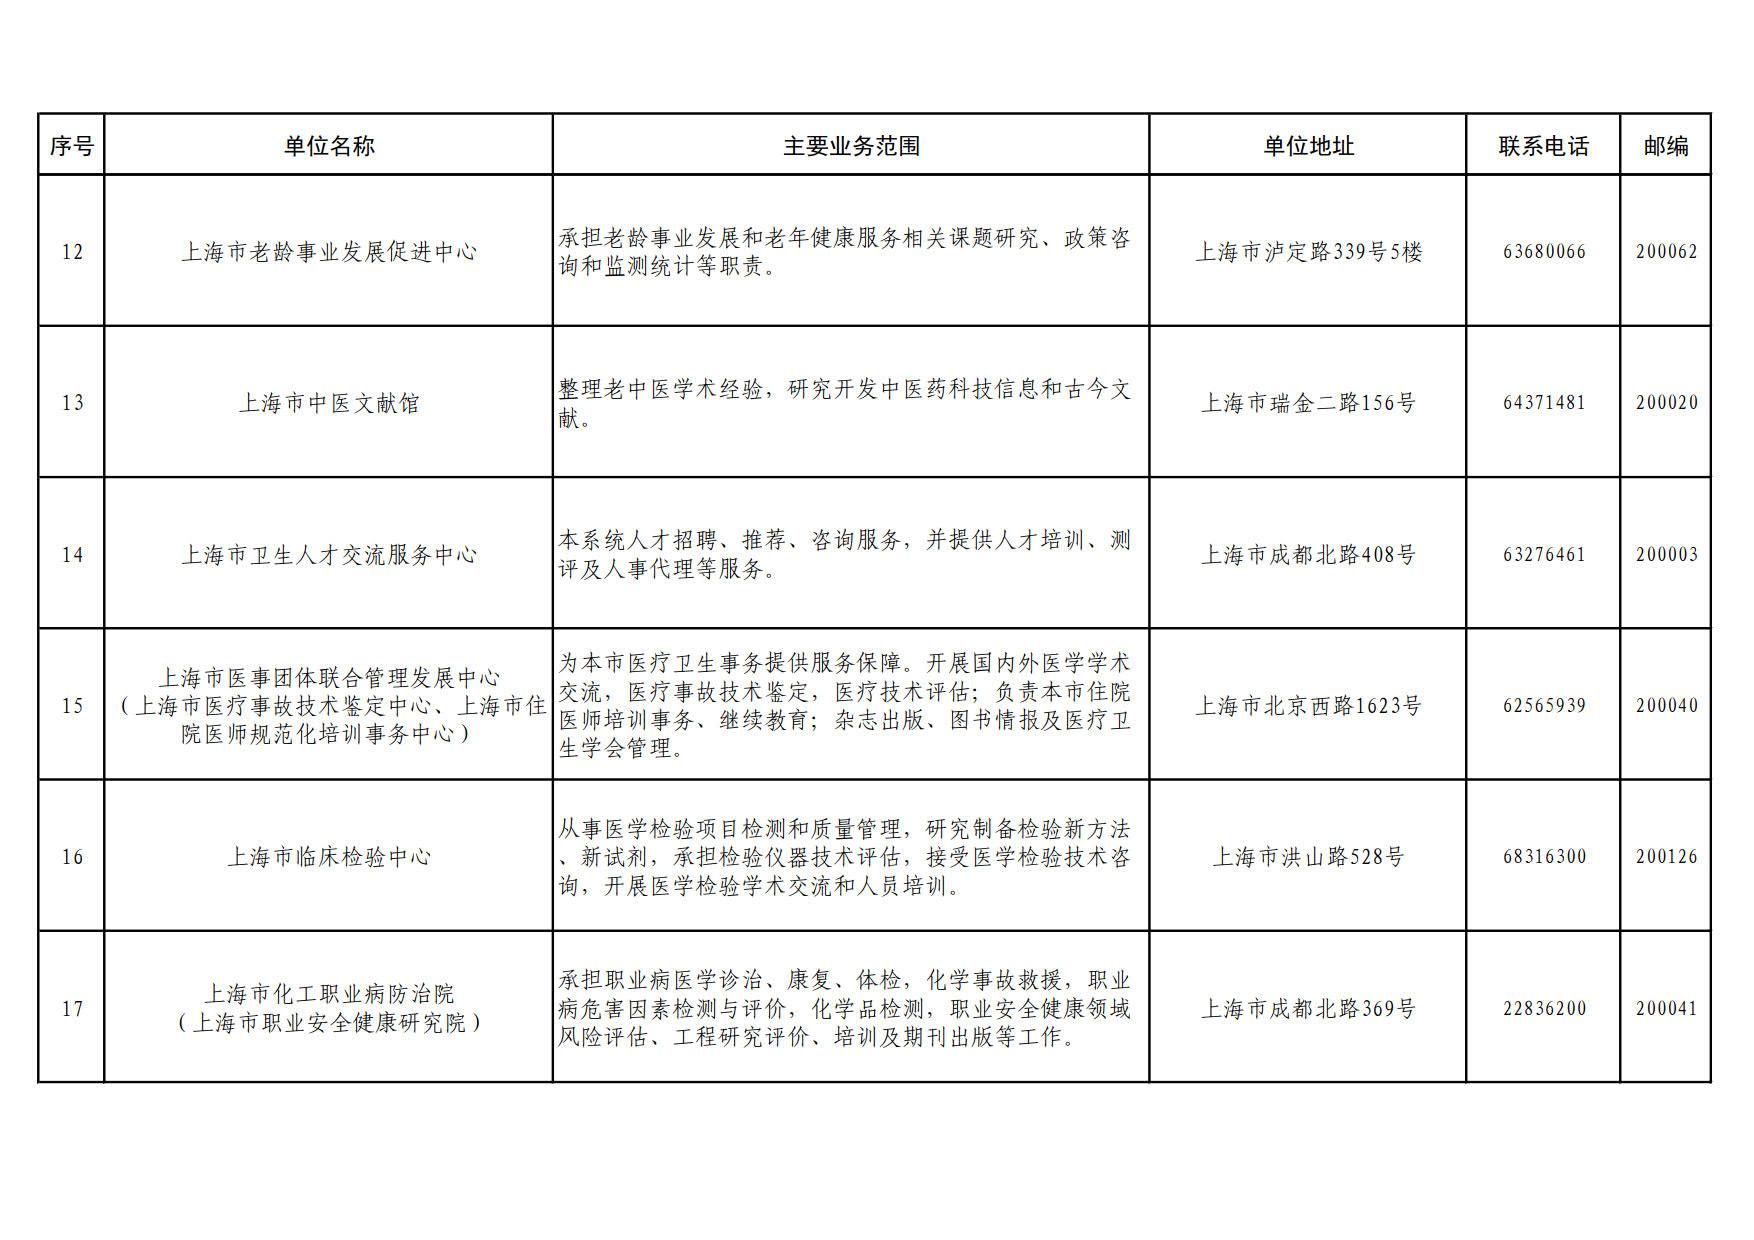 委直属单位基本情况一览表_3.jpg